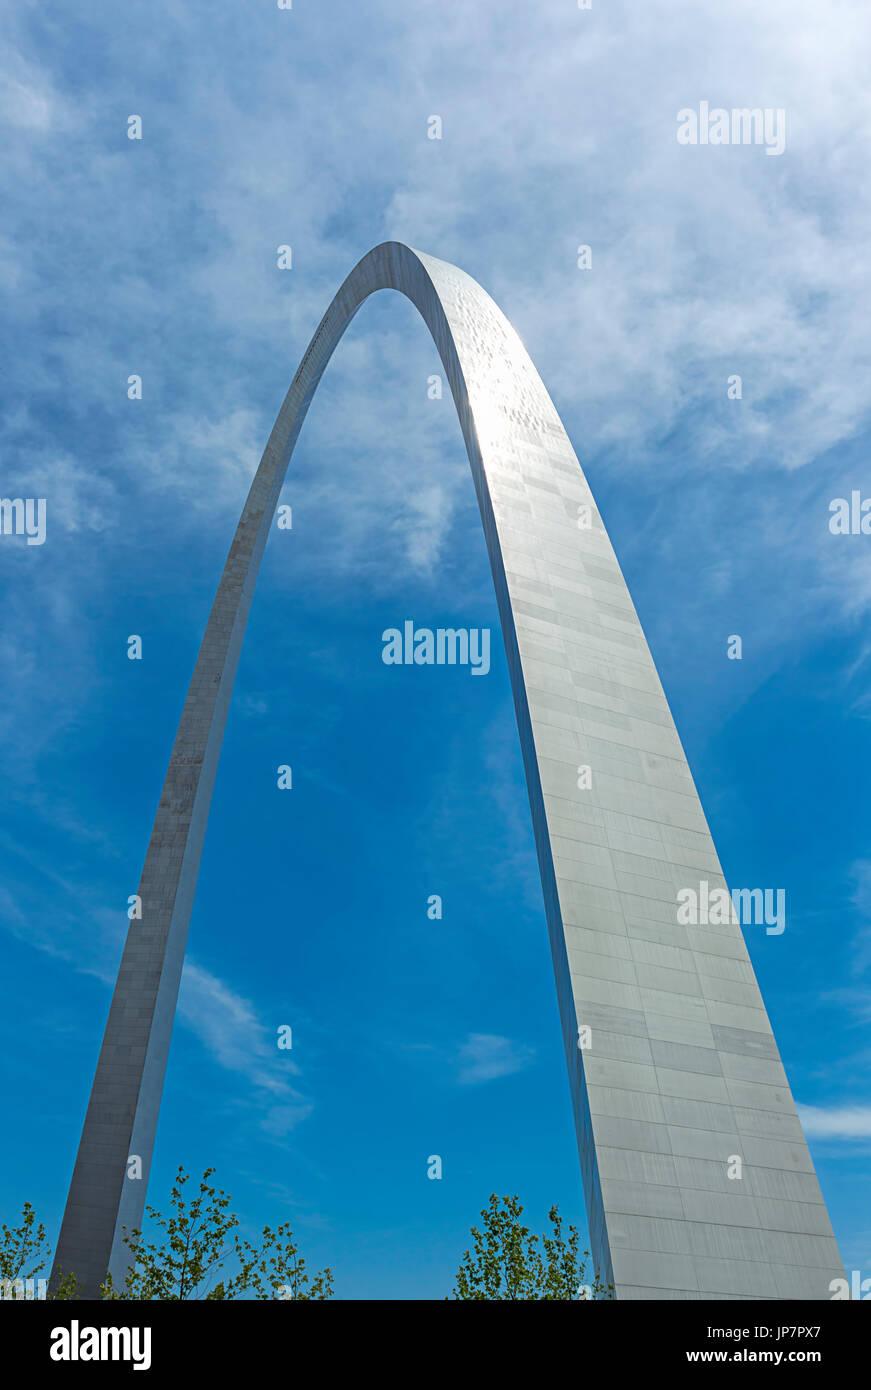 La Gateway Arch situé contre un ciel bleu à Saint Louis, Missouri. Photo Stock